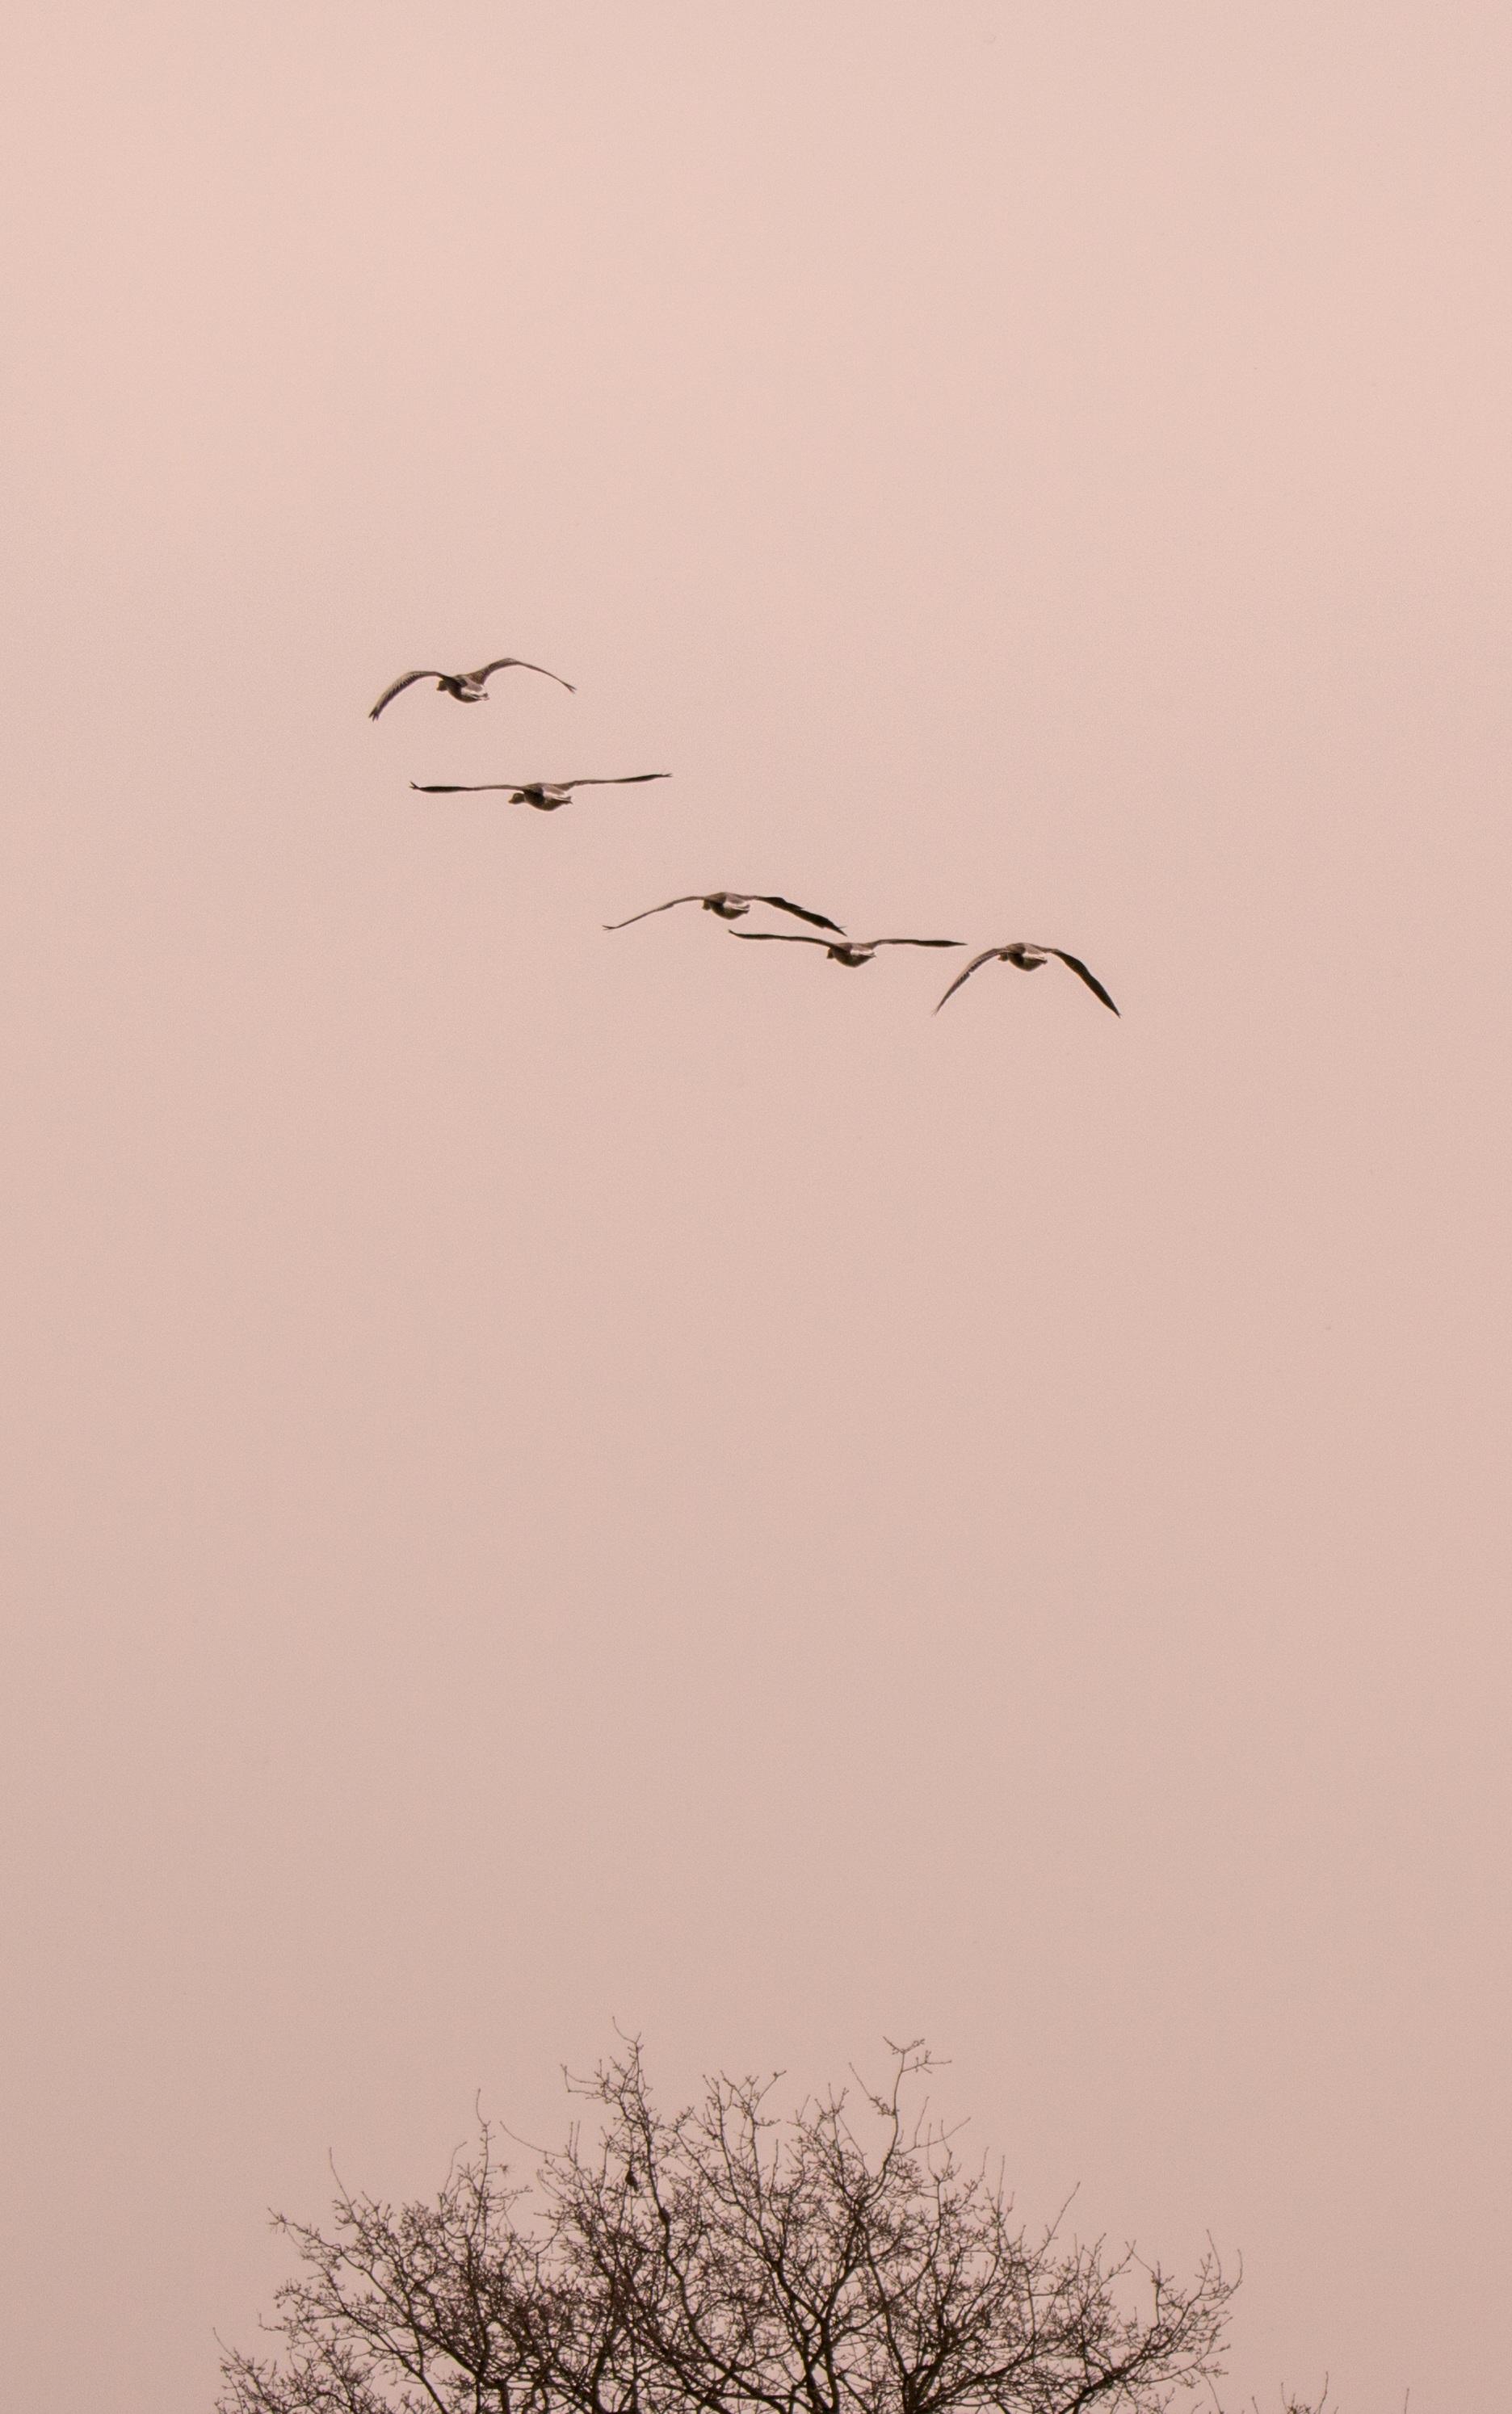 Images gratuites la nature branche aile animal troupeau mouche vol dessin illustration - Oiseau mouche dessin ...